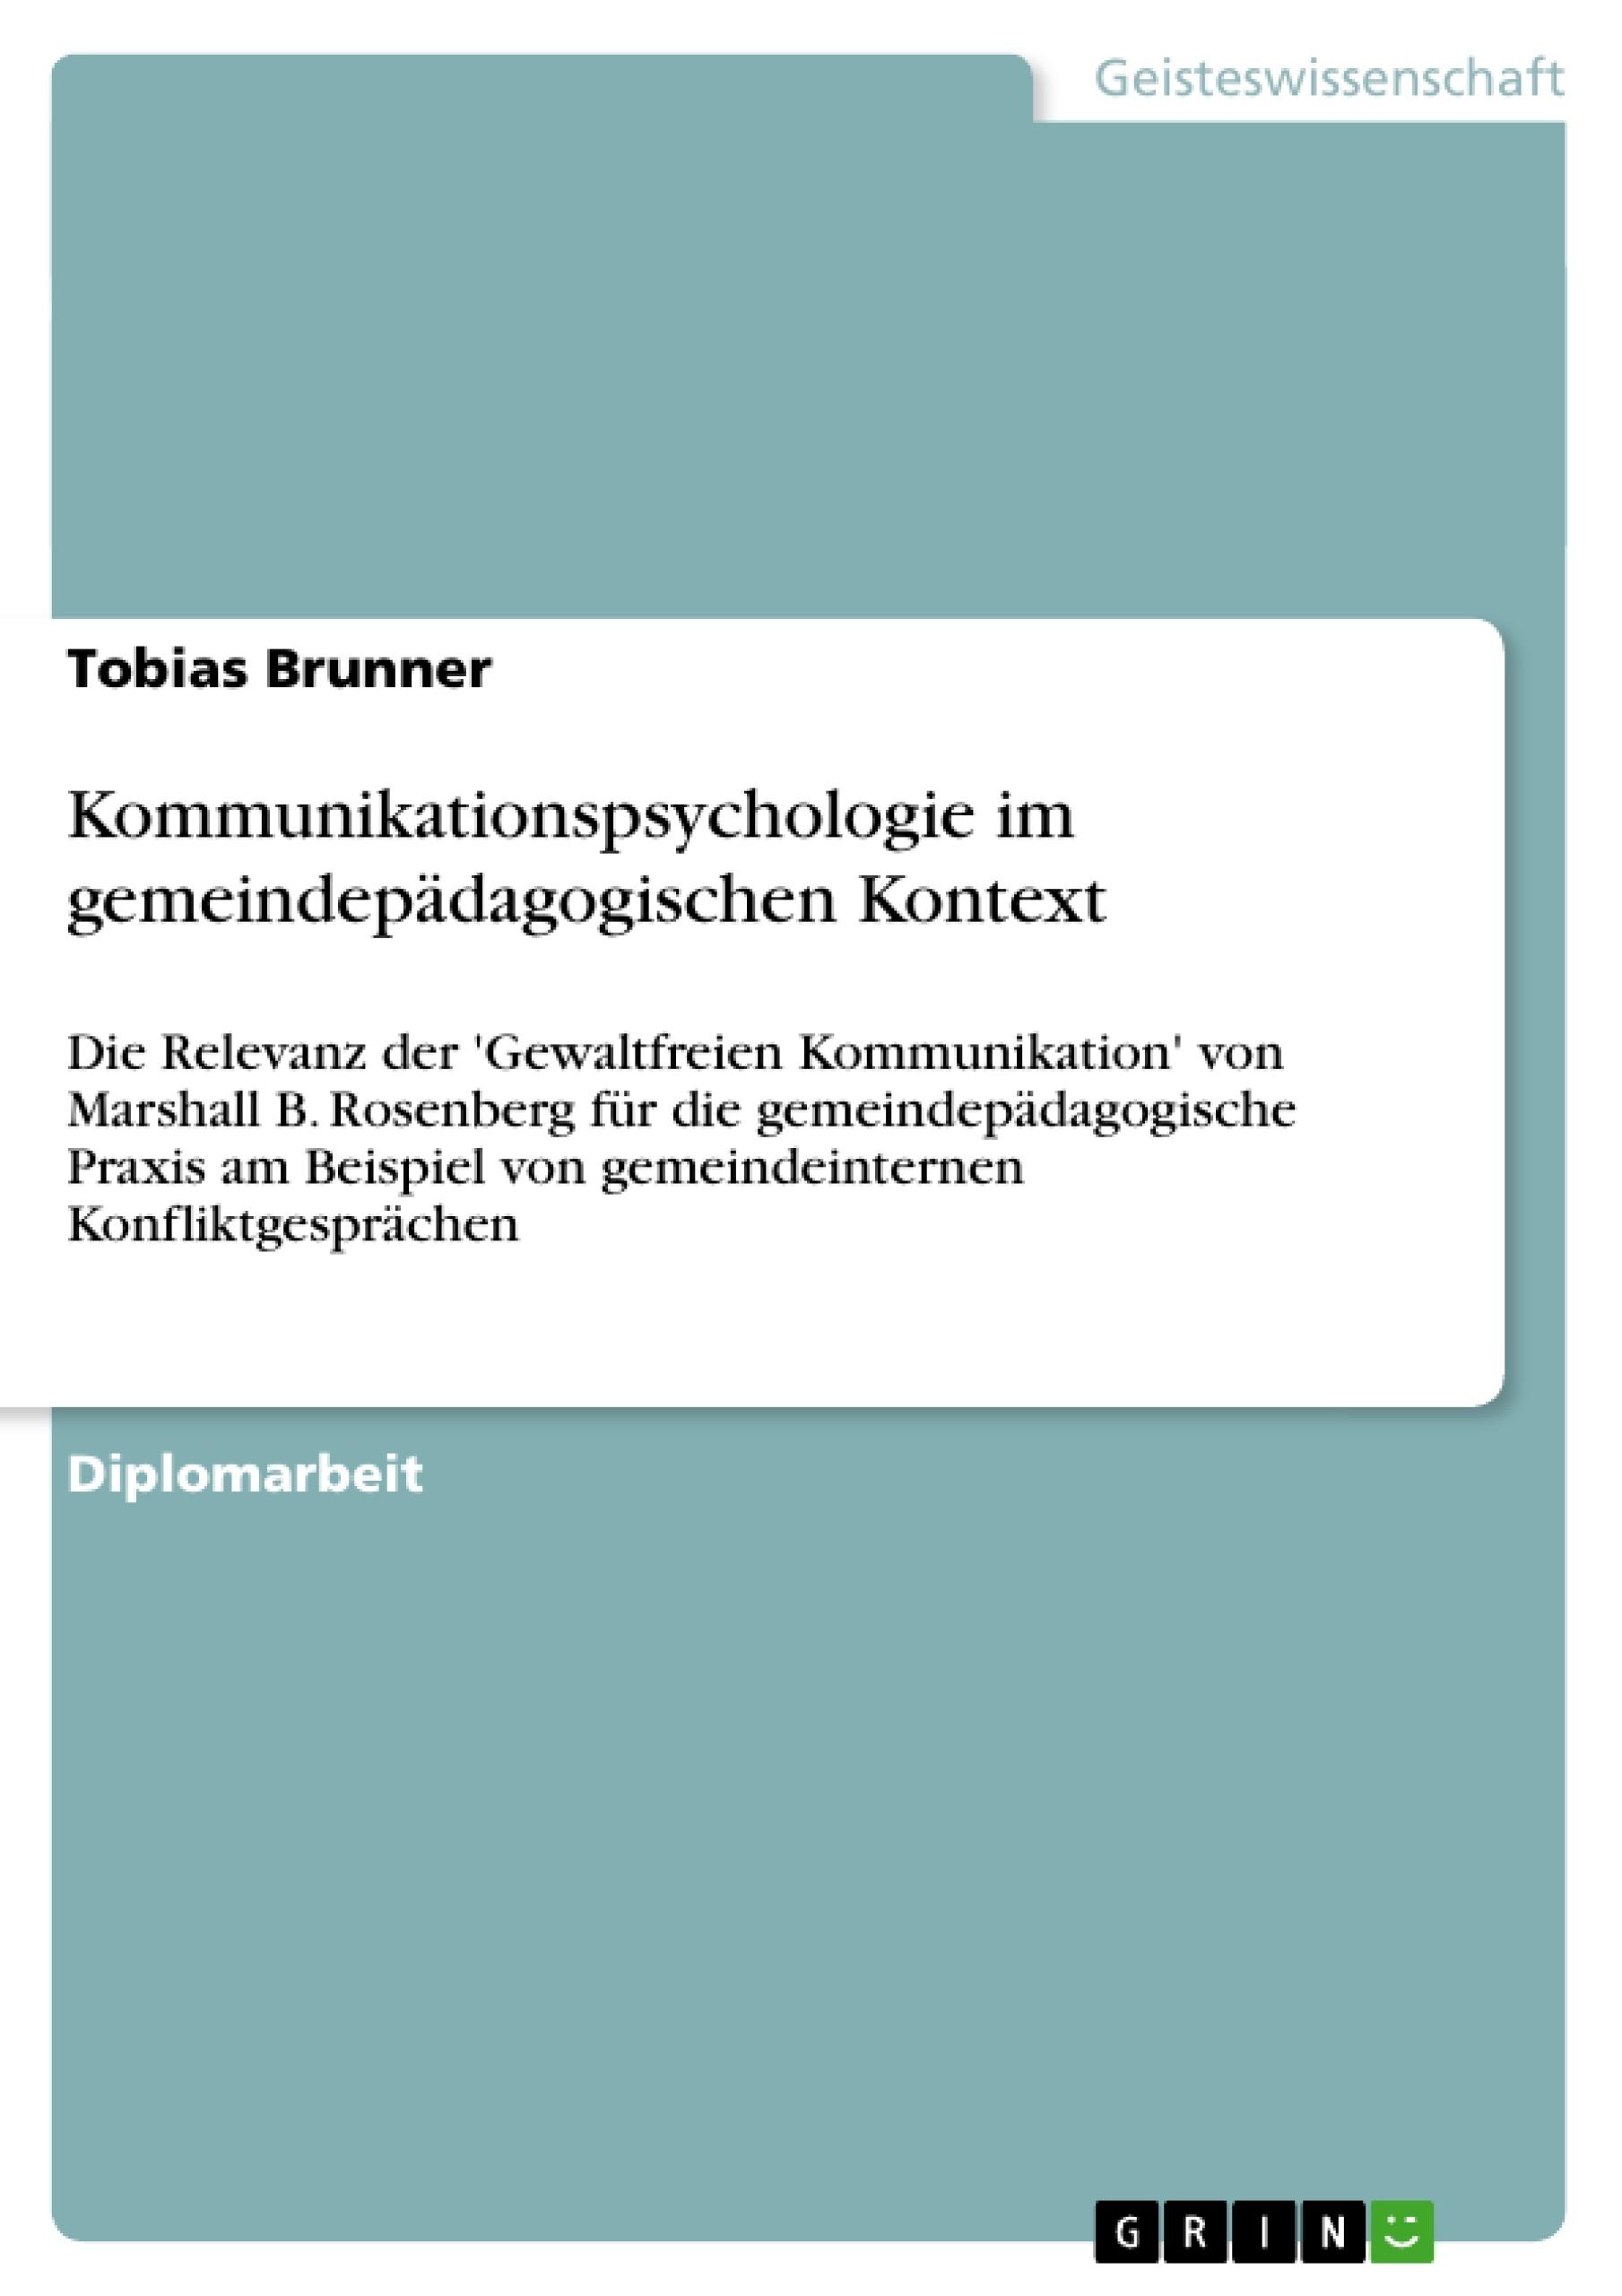 Titel: Kommunikationspsychologie im gemeindepädagogischen Kontext